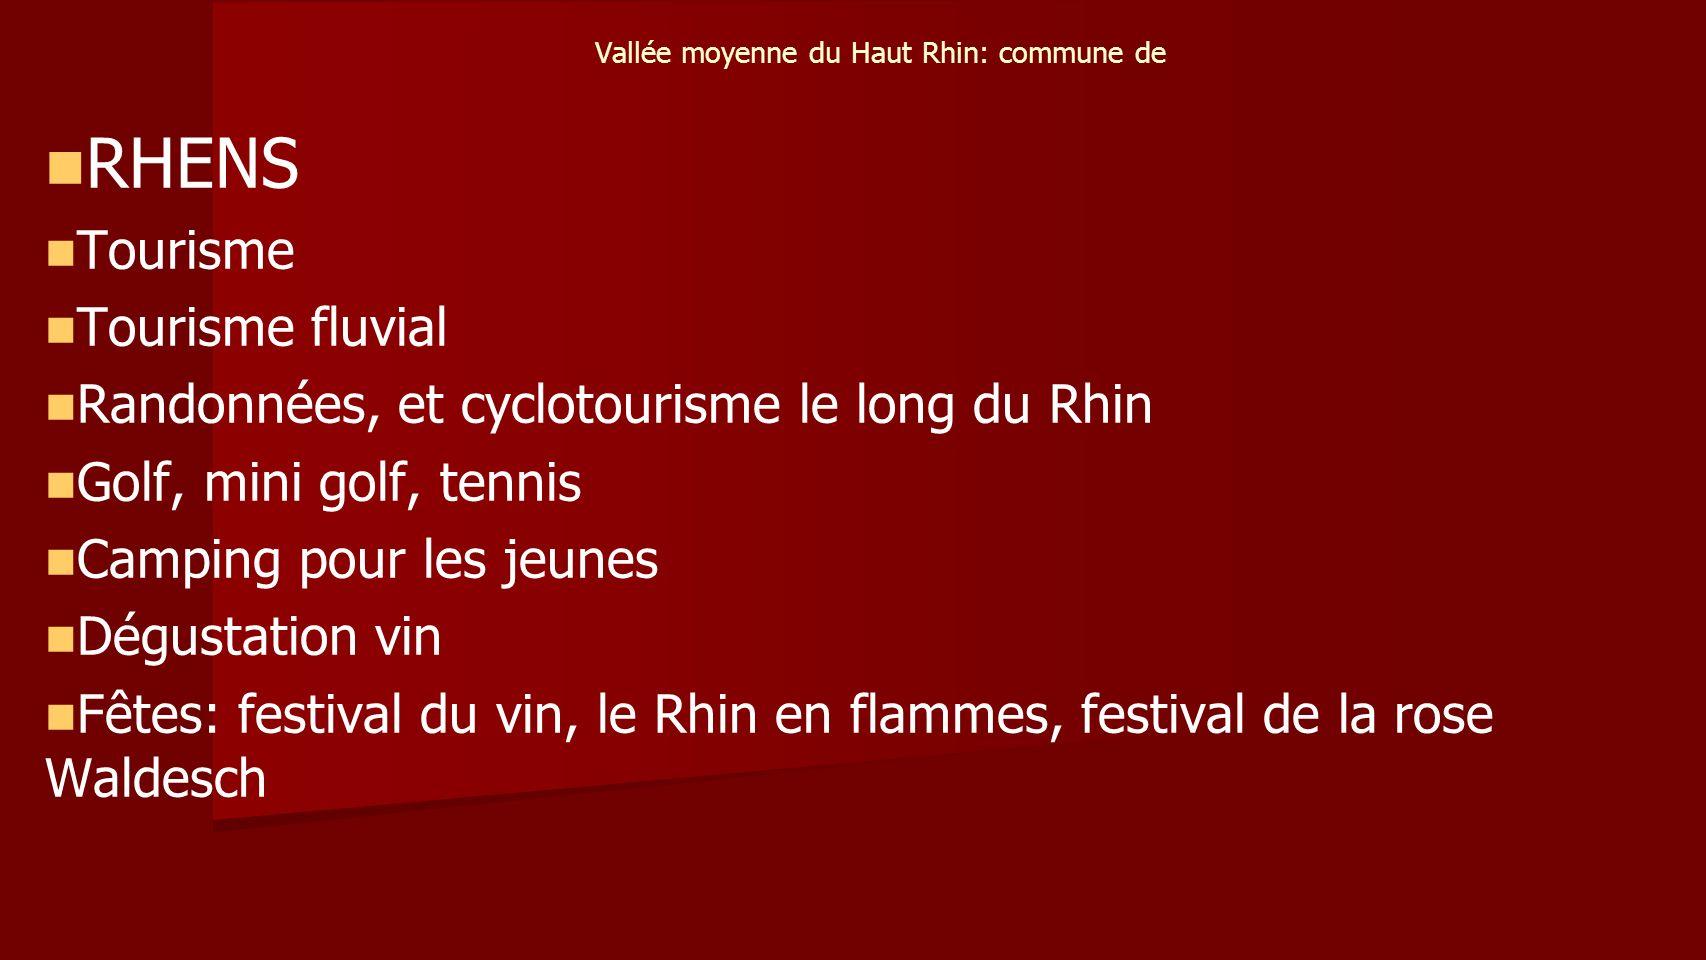 Vallée moyenne du Haut Rhin: commune de RHENS Tourisme Tourisme fluvial Randonnées, et cyclotourisme le long du Rhin Golf, mini golf, tennis Camping pour les jeunes Dégustation vin Fêtes: festival du vin, le Rhin en flammes, festival de la rose Waldesch